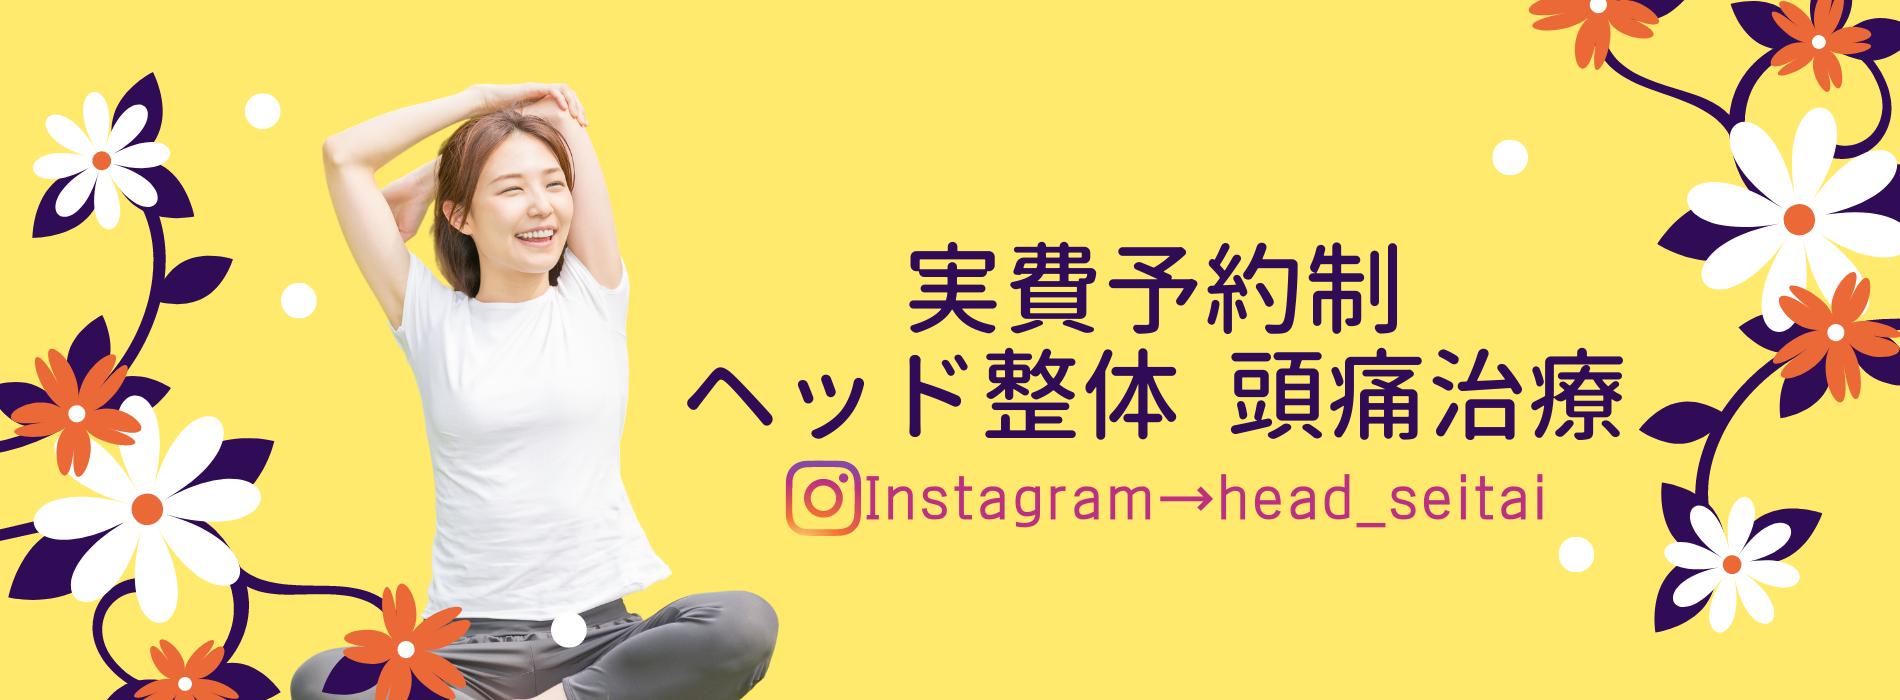 交通事故治療は熊本上通整骨院にお任せください